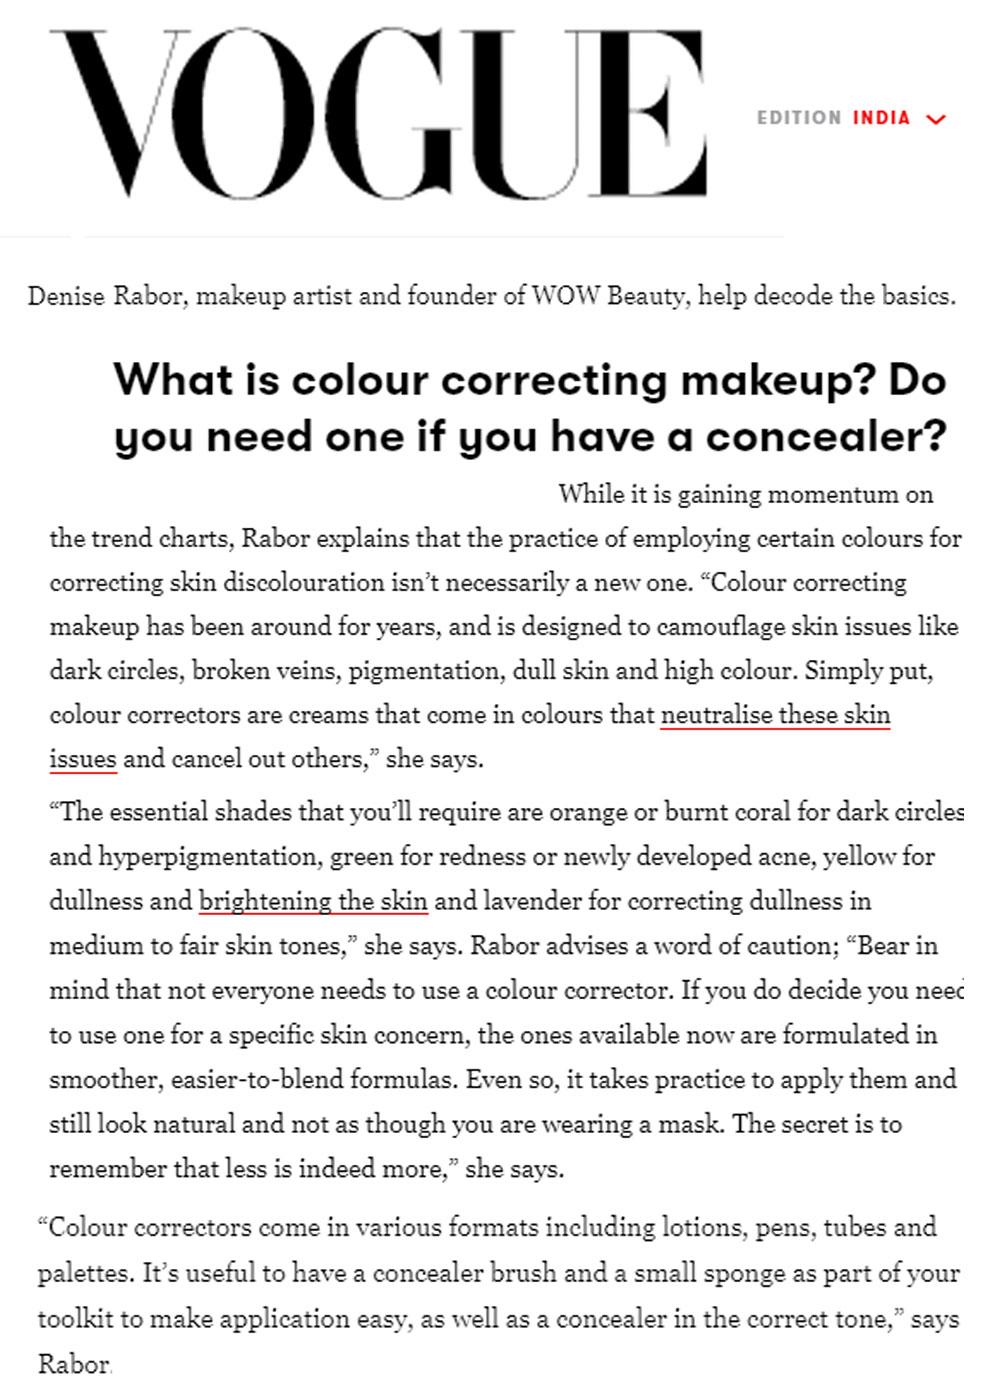 vogue colour correcting